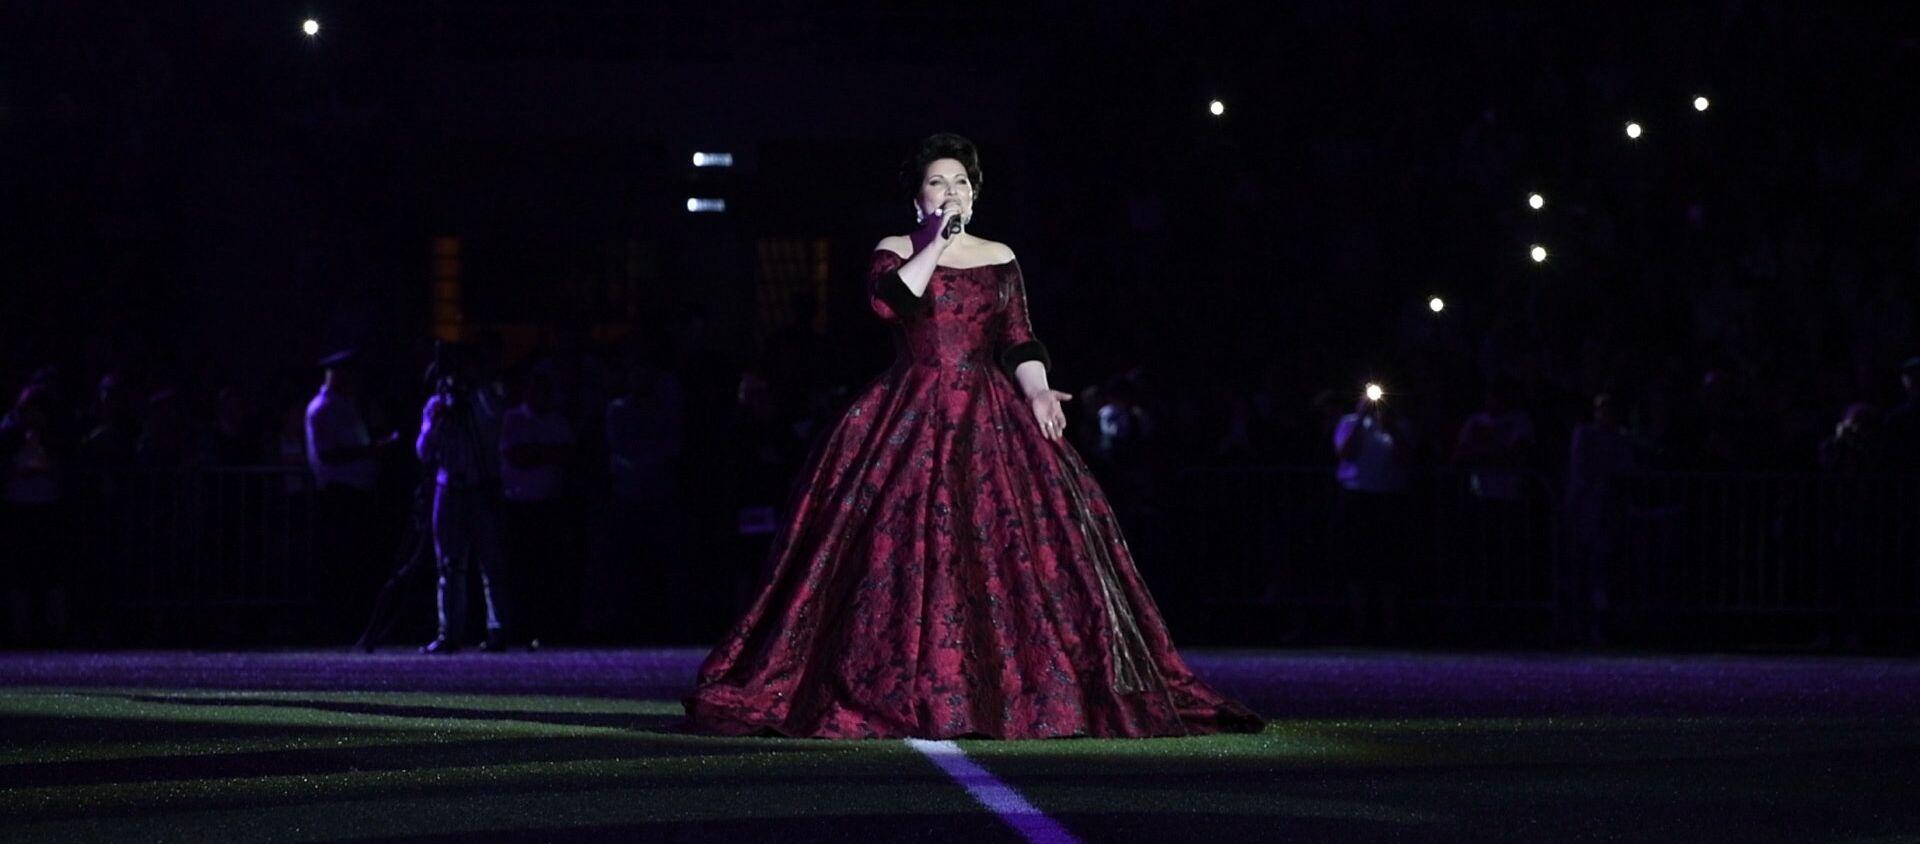 Хибла Герзмава исполняет песню Абхазия моя - Sputnik Аҧсны, 1920, 09.06.2021